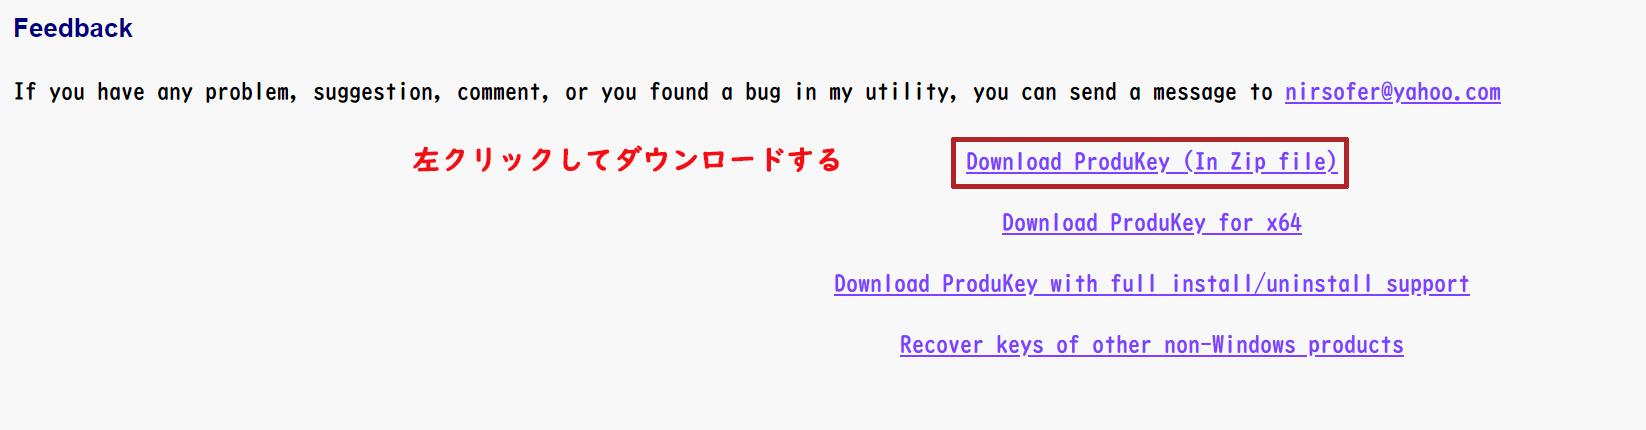 Download ProduKey (In Zip file)をダウンロードする